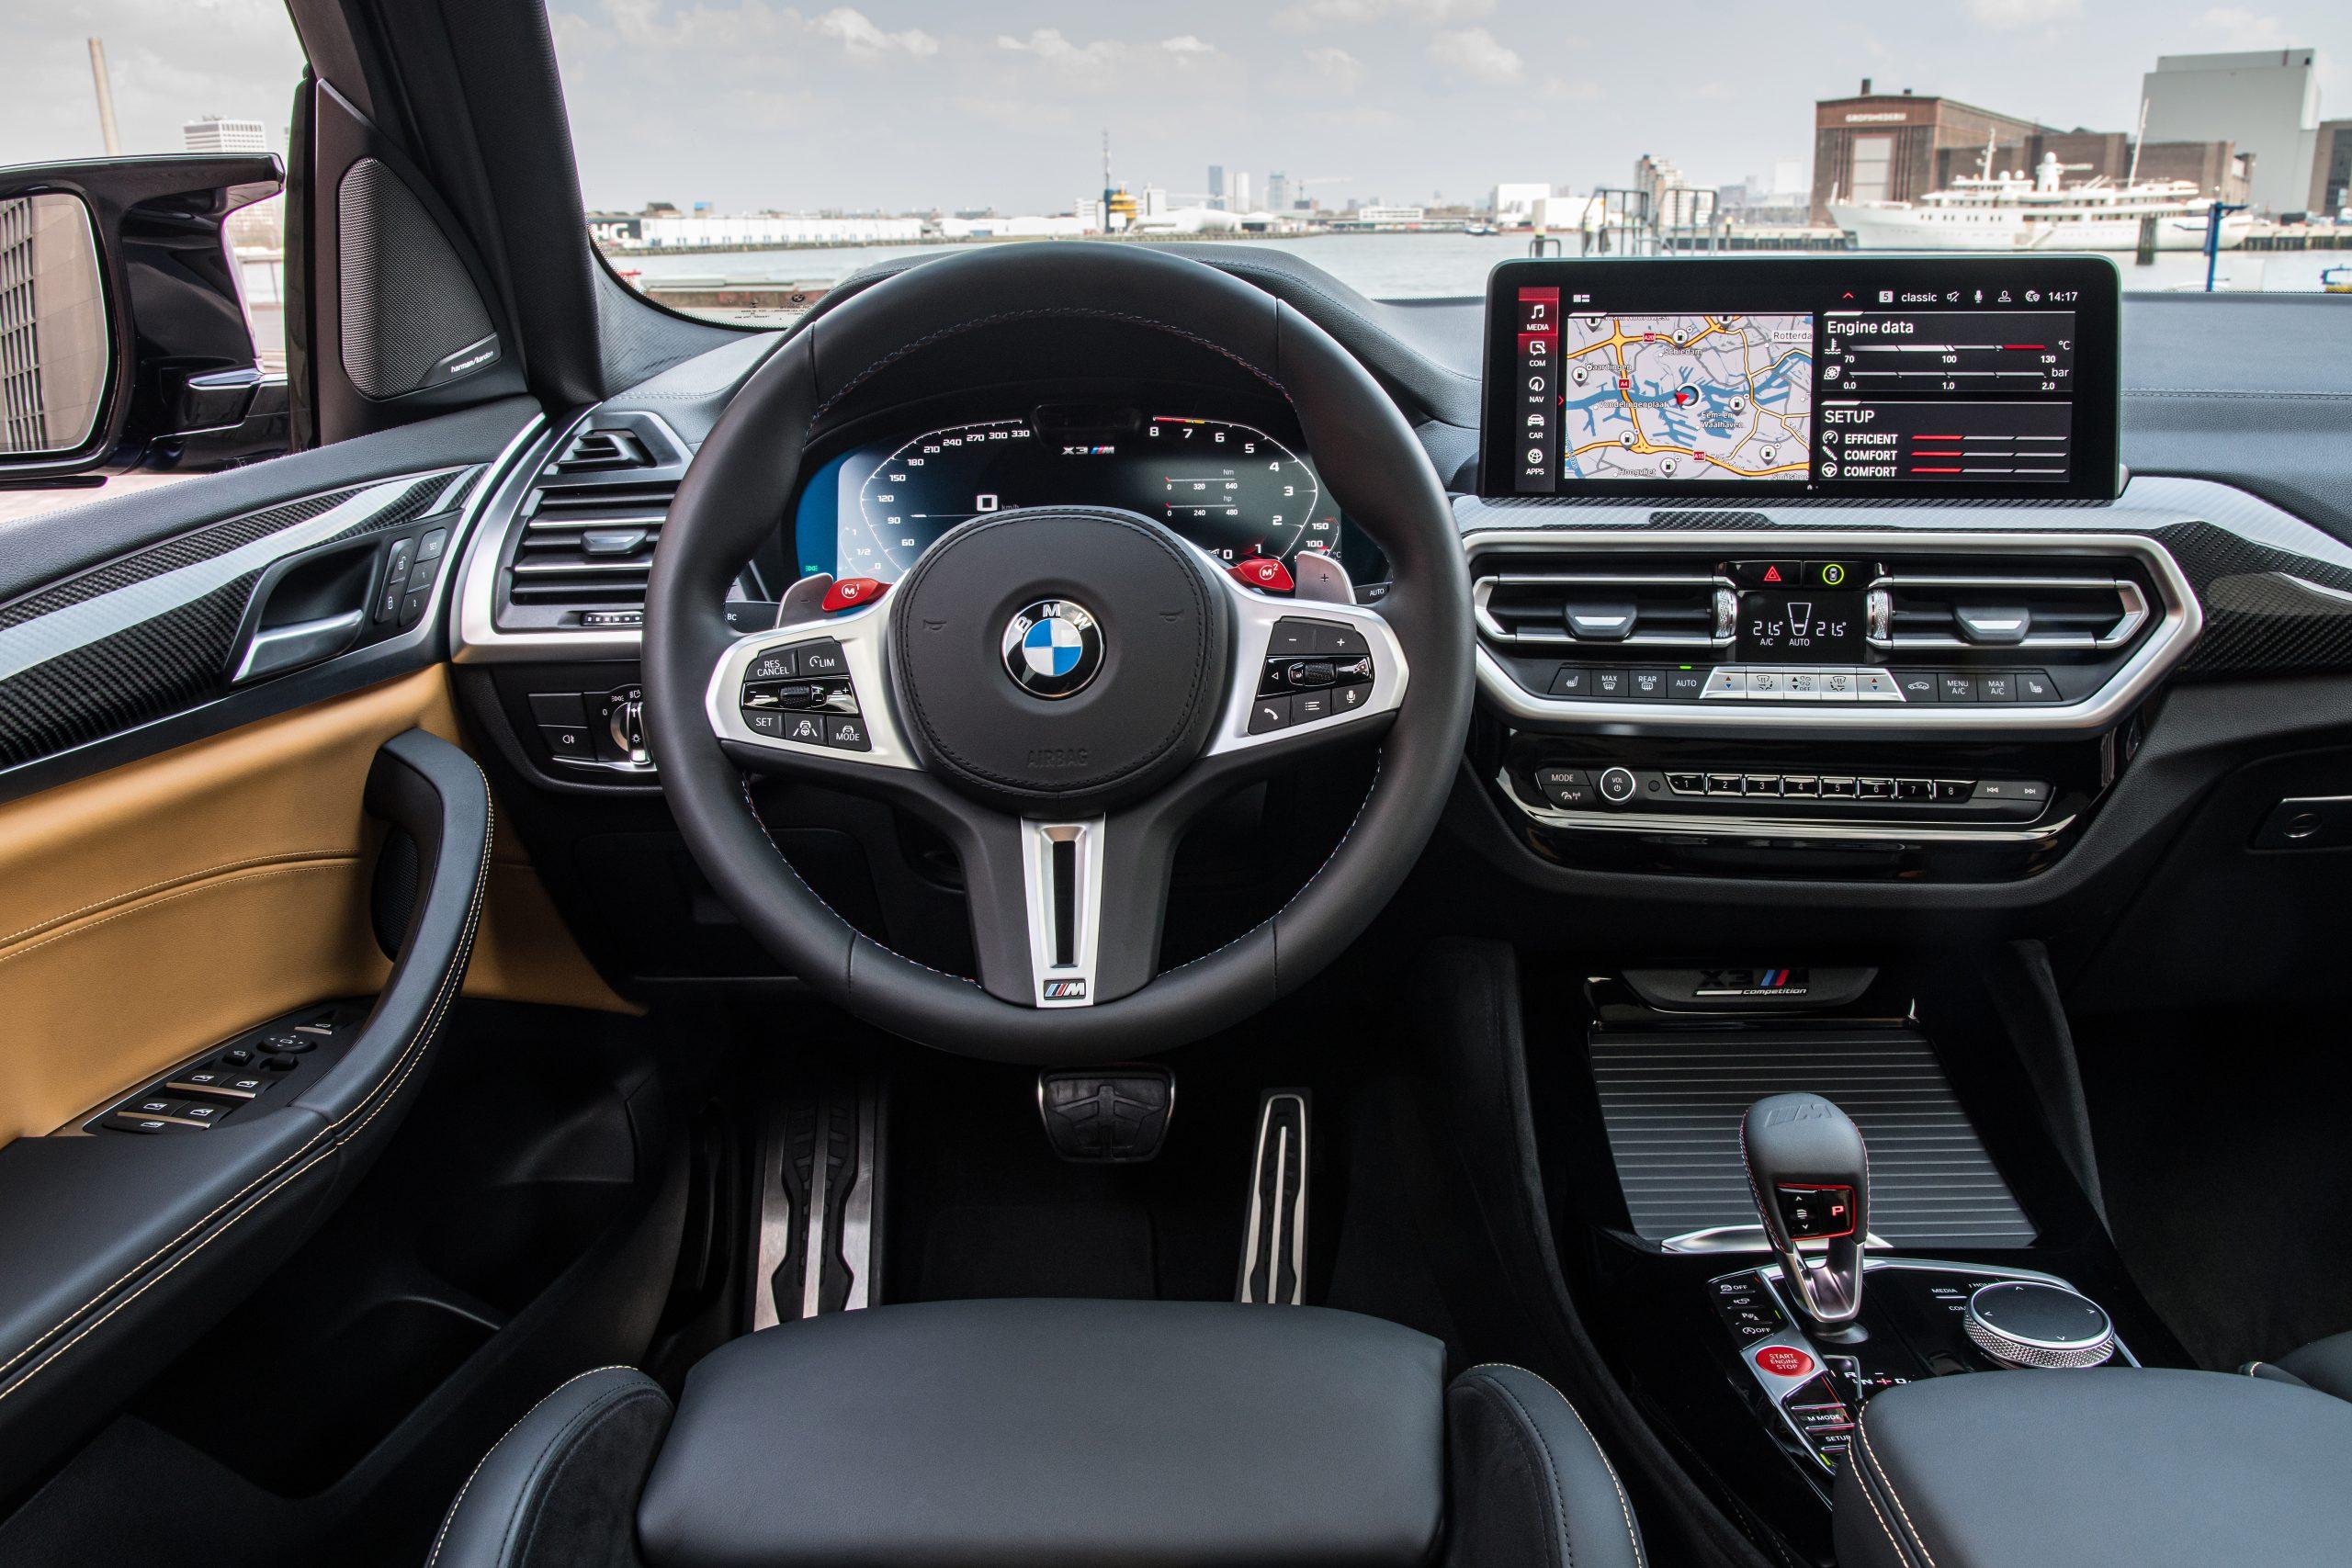 P90423917 highRes scaled Ιδού οι νέες BMW X3 M Competition και BMW X4 M Competition BMW, BMW M, BMW X3, BMW X4, SUV, X3 M, X4 M, ειδήσεις, Νέα